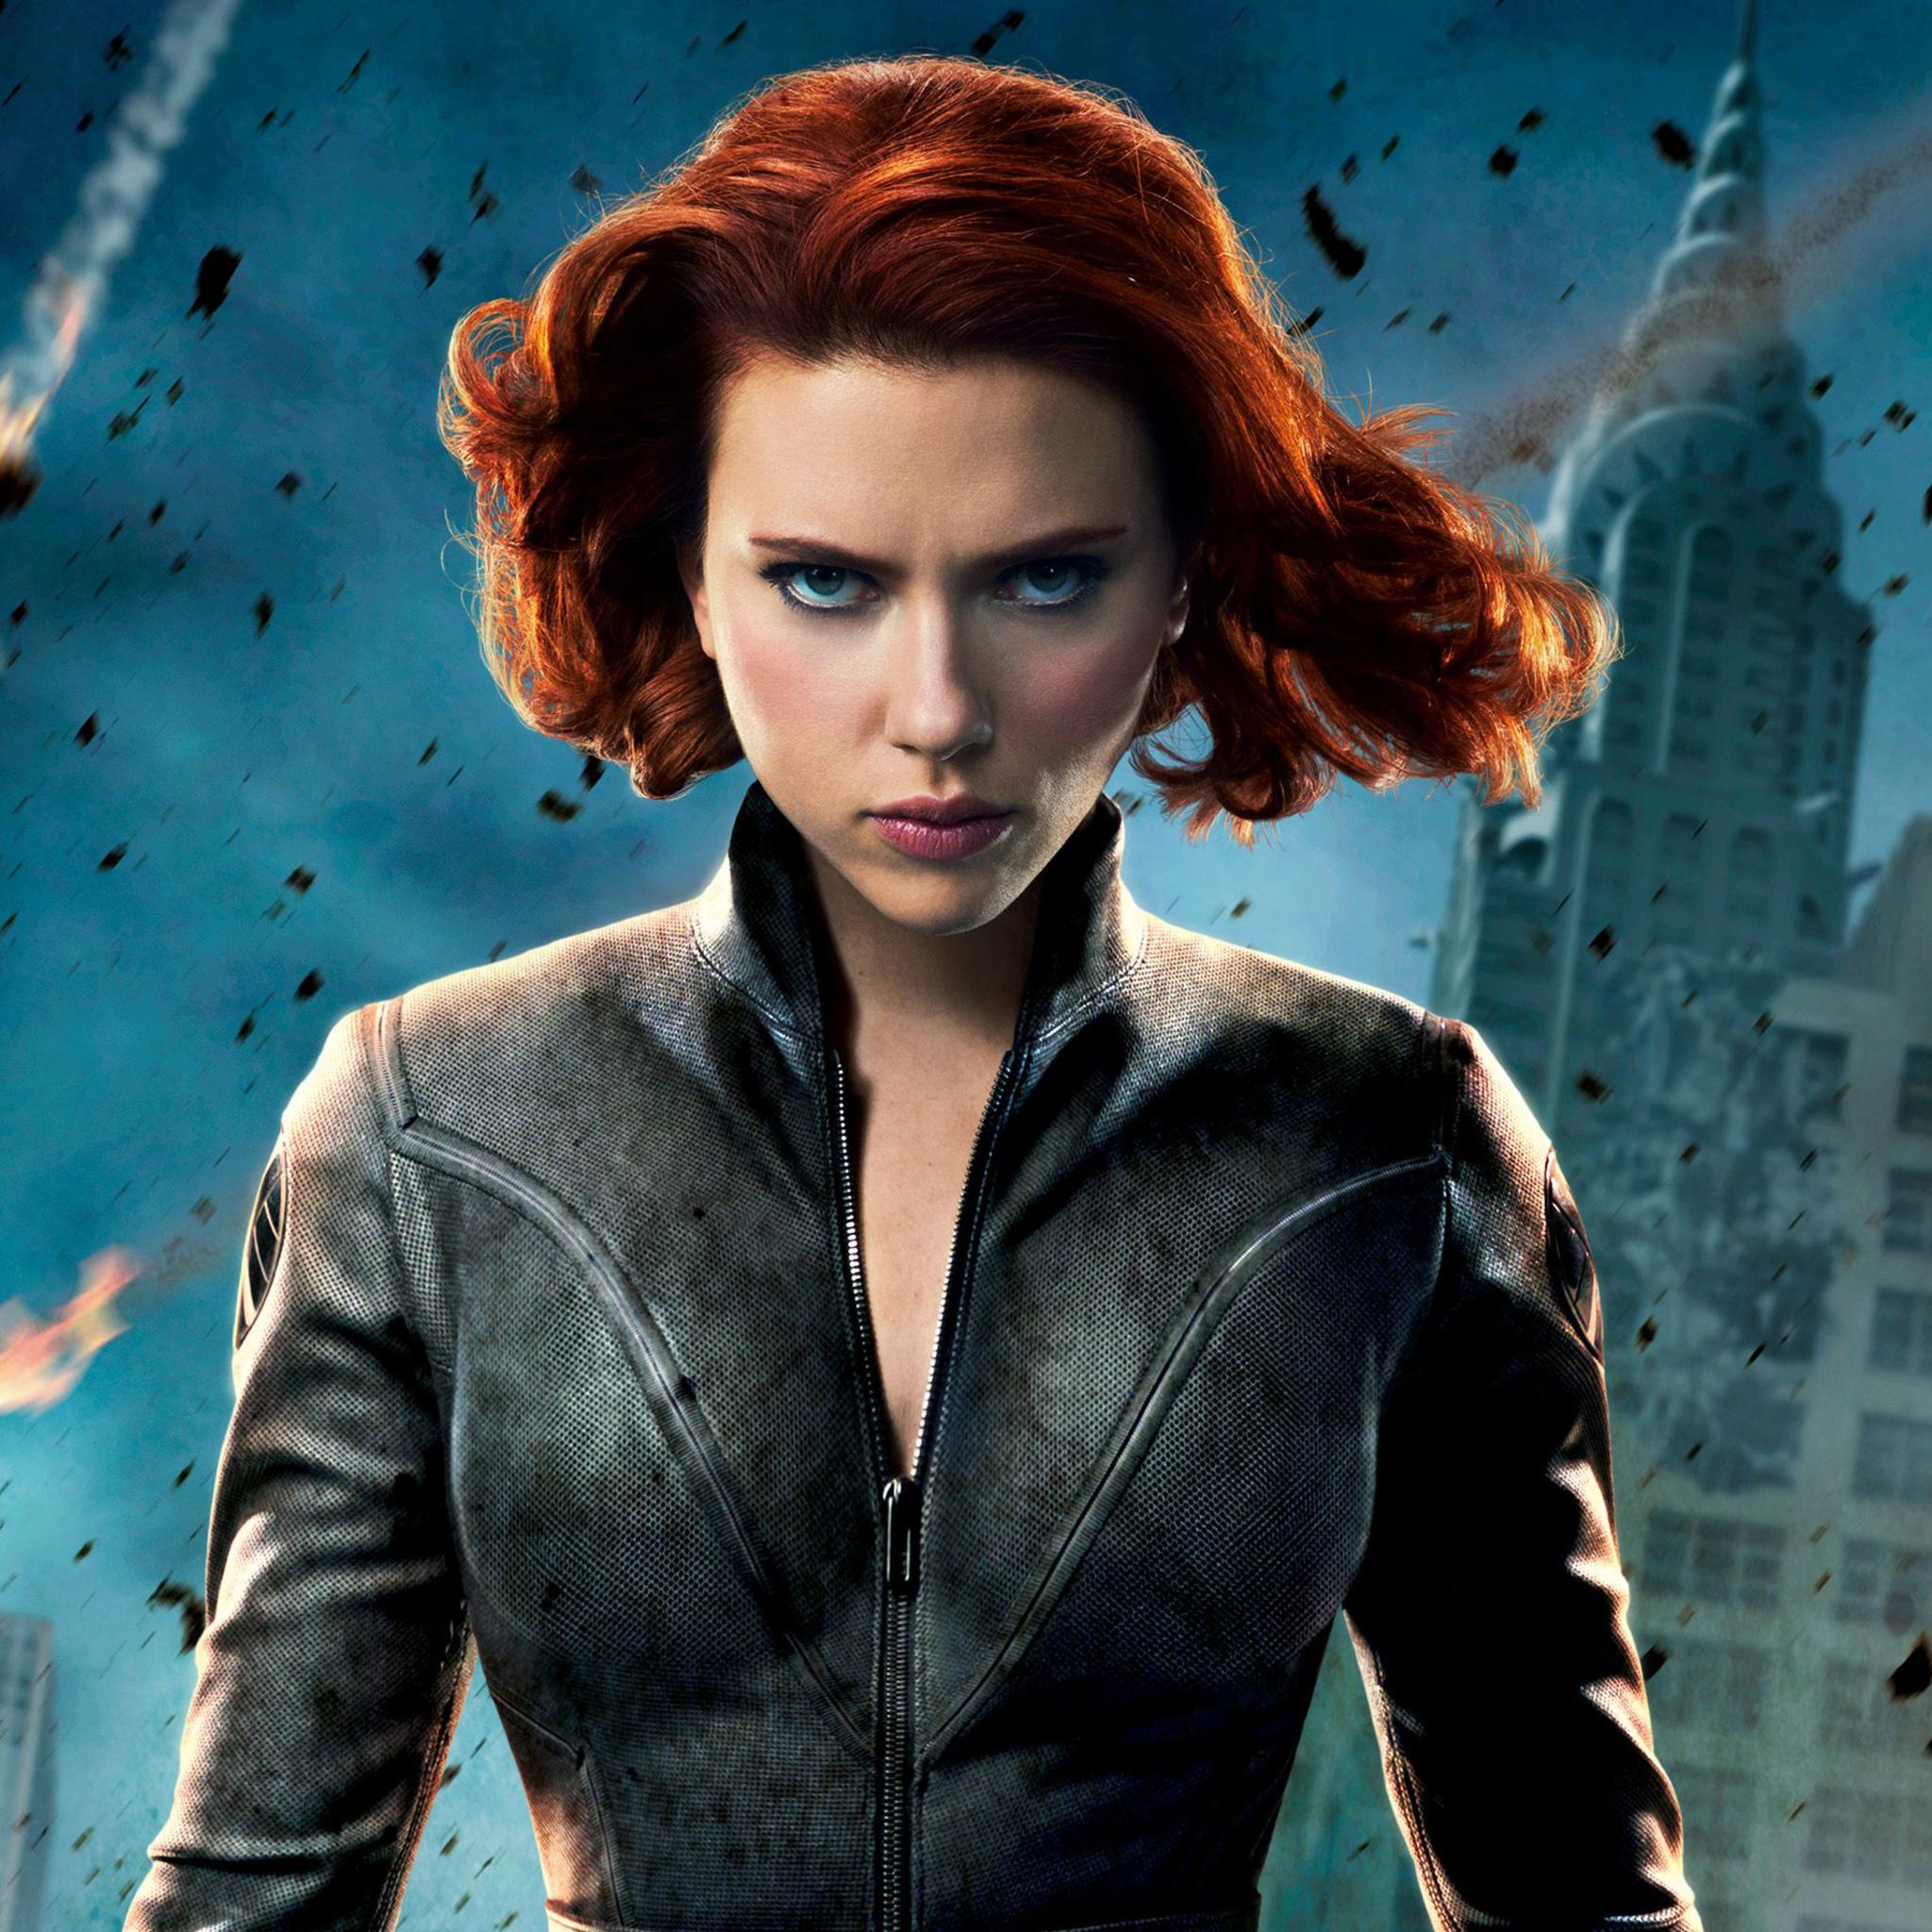 Scarlett Johansson Black Widow Wallpaper Jpg